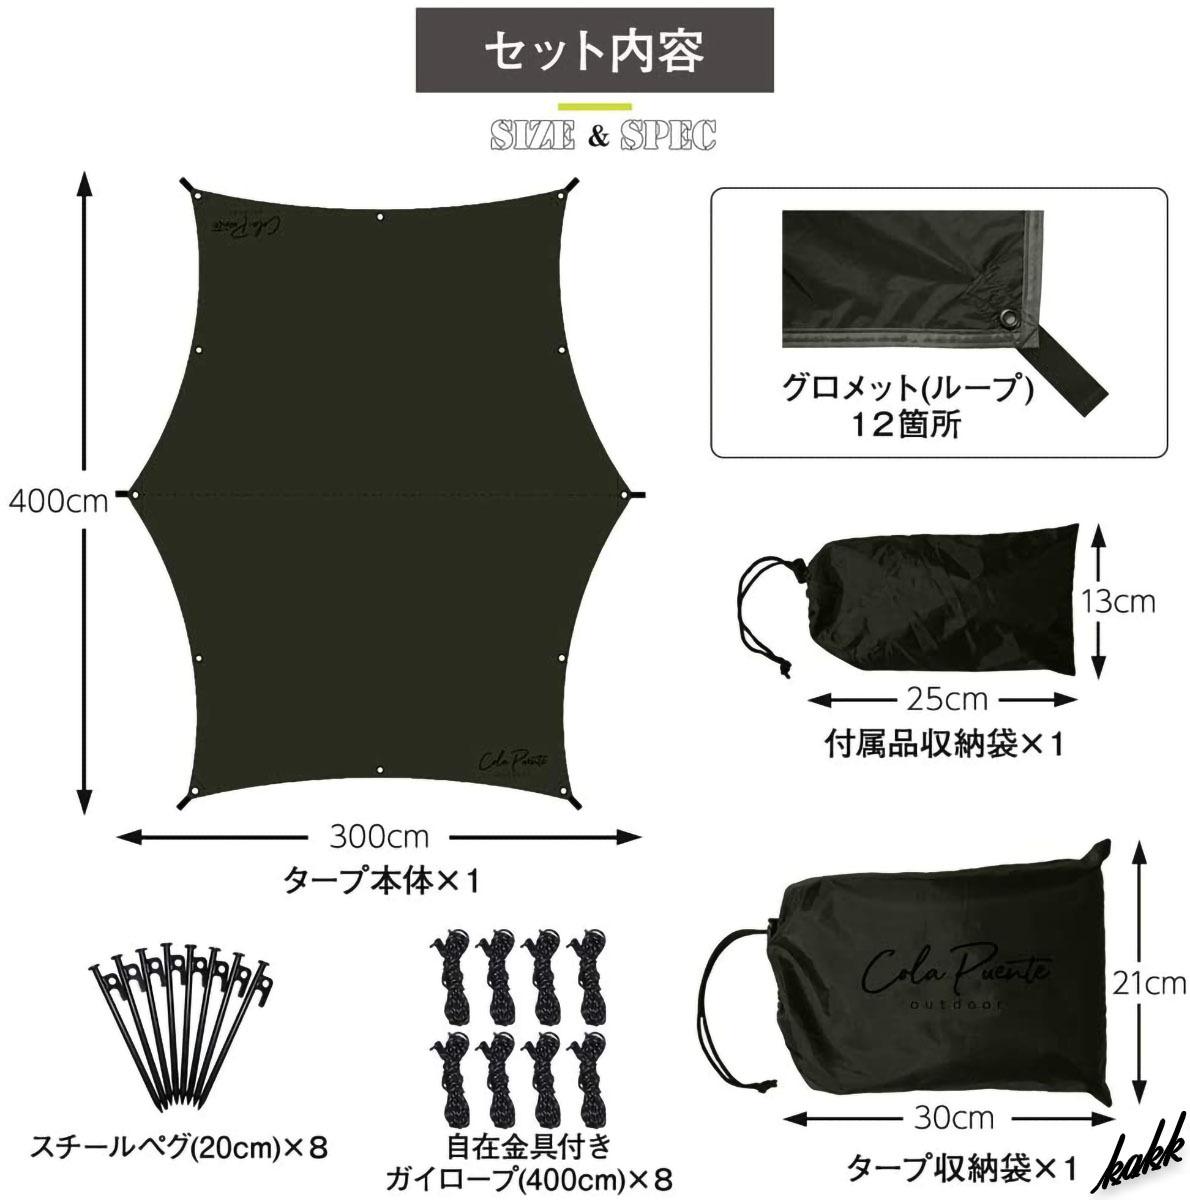 【軽量コンパクト収納】 高強度スチールペグ ヘキサタープ 300×40cm ソロ ツーリング 1.8㎏ 遮光 遮熱 UVカット アウトドア オリーブ